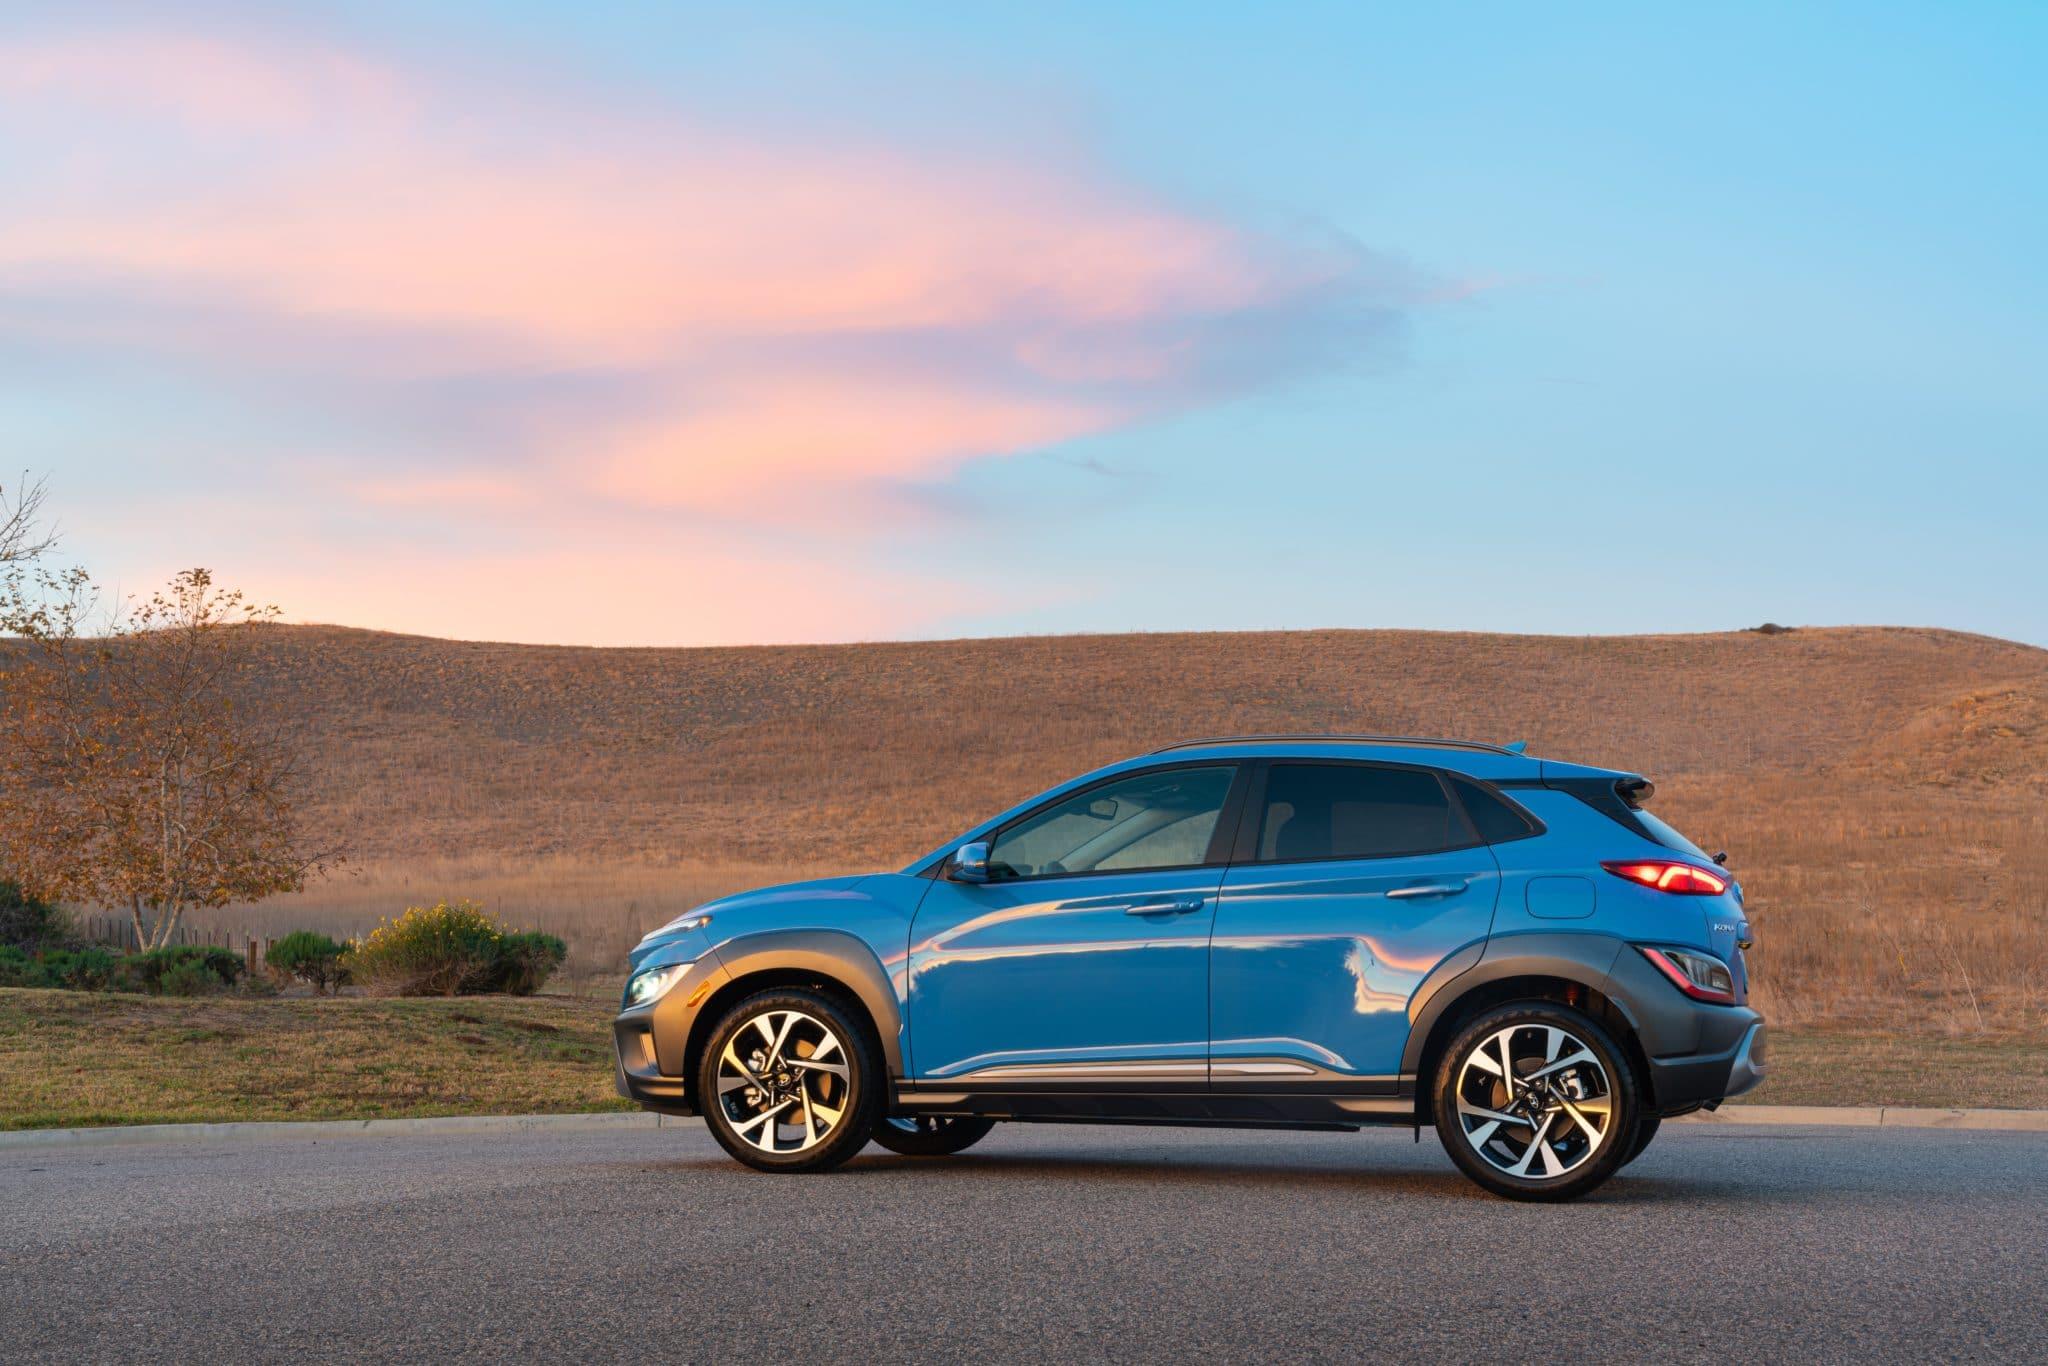 What is the 2021 Hyundai Kona